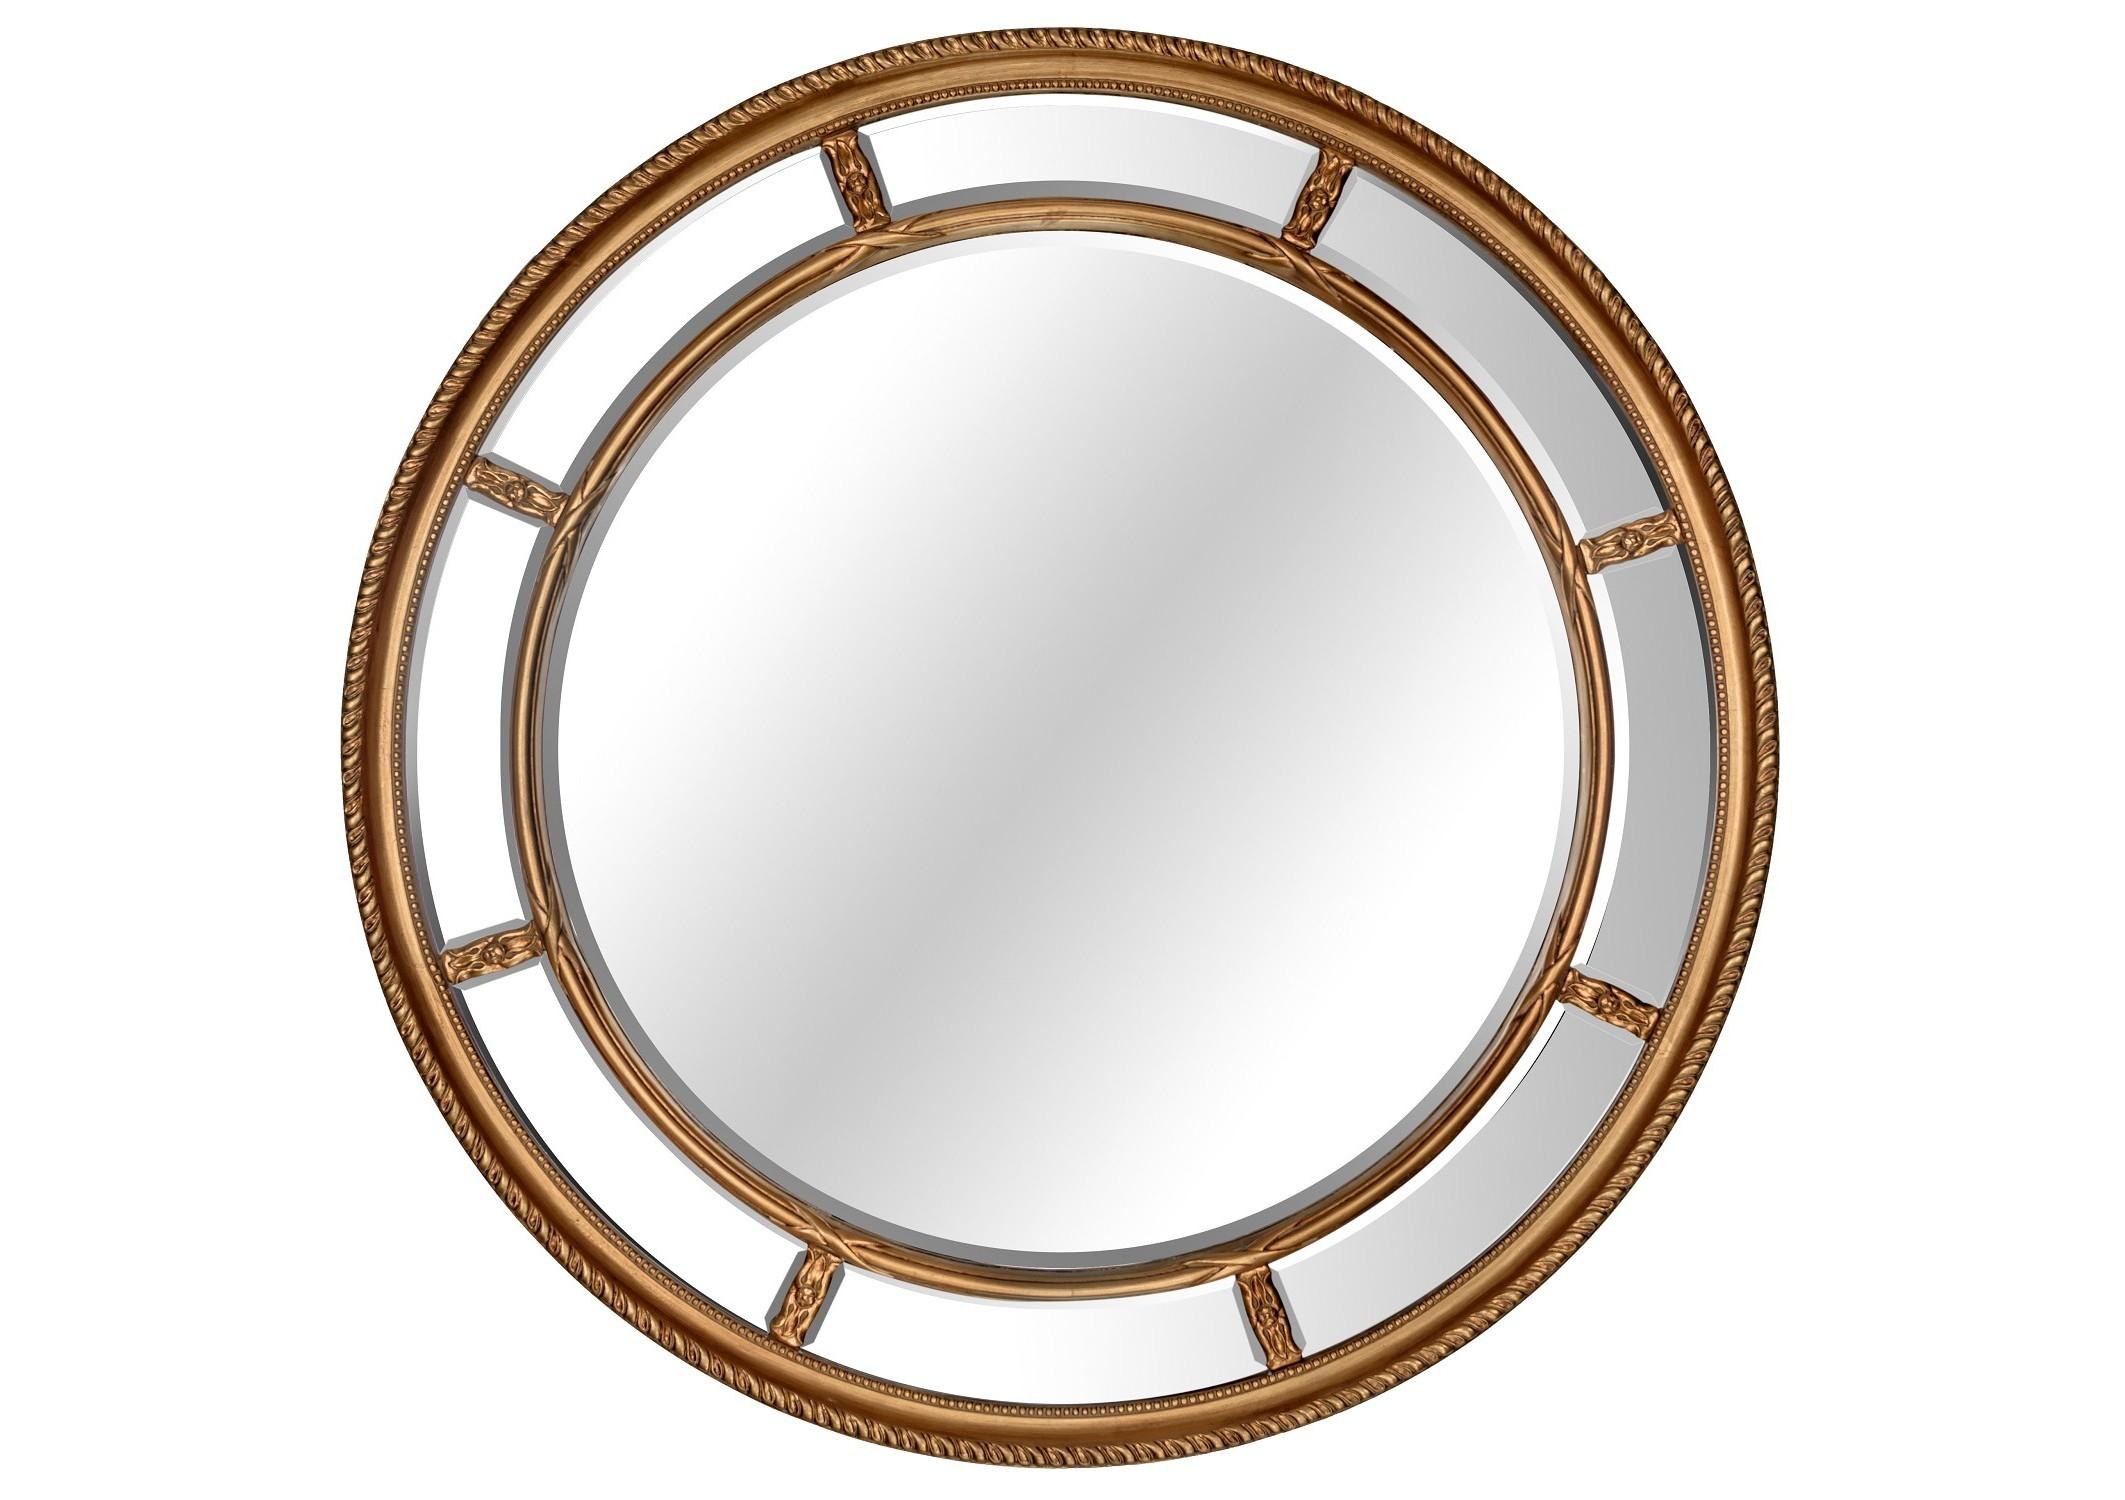 Зеркало Prestige GoldНастенные зеркала<br><br><br>Material: Полирезин<br>Depth см: 4<br>Diameter см: 115.5